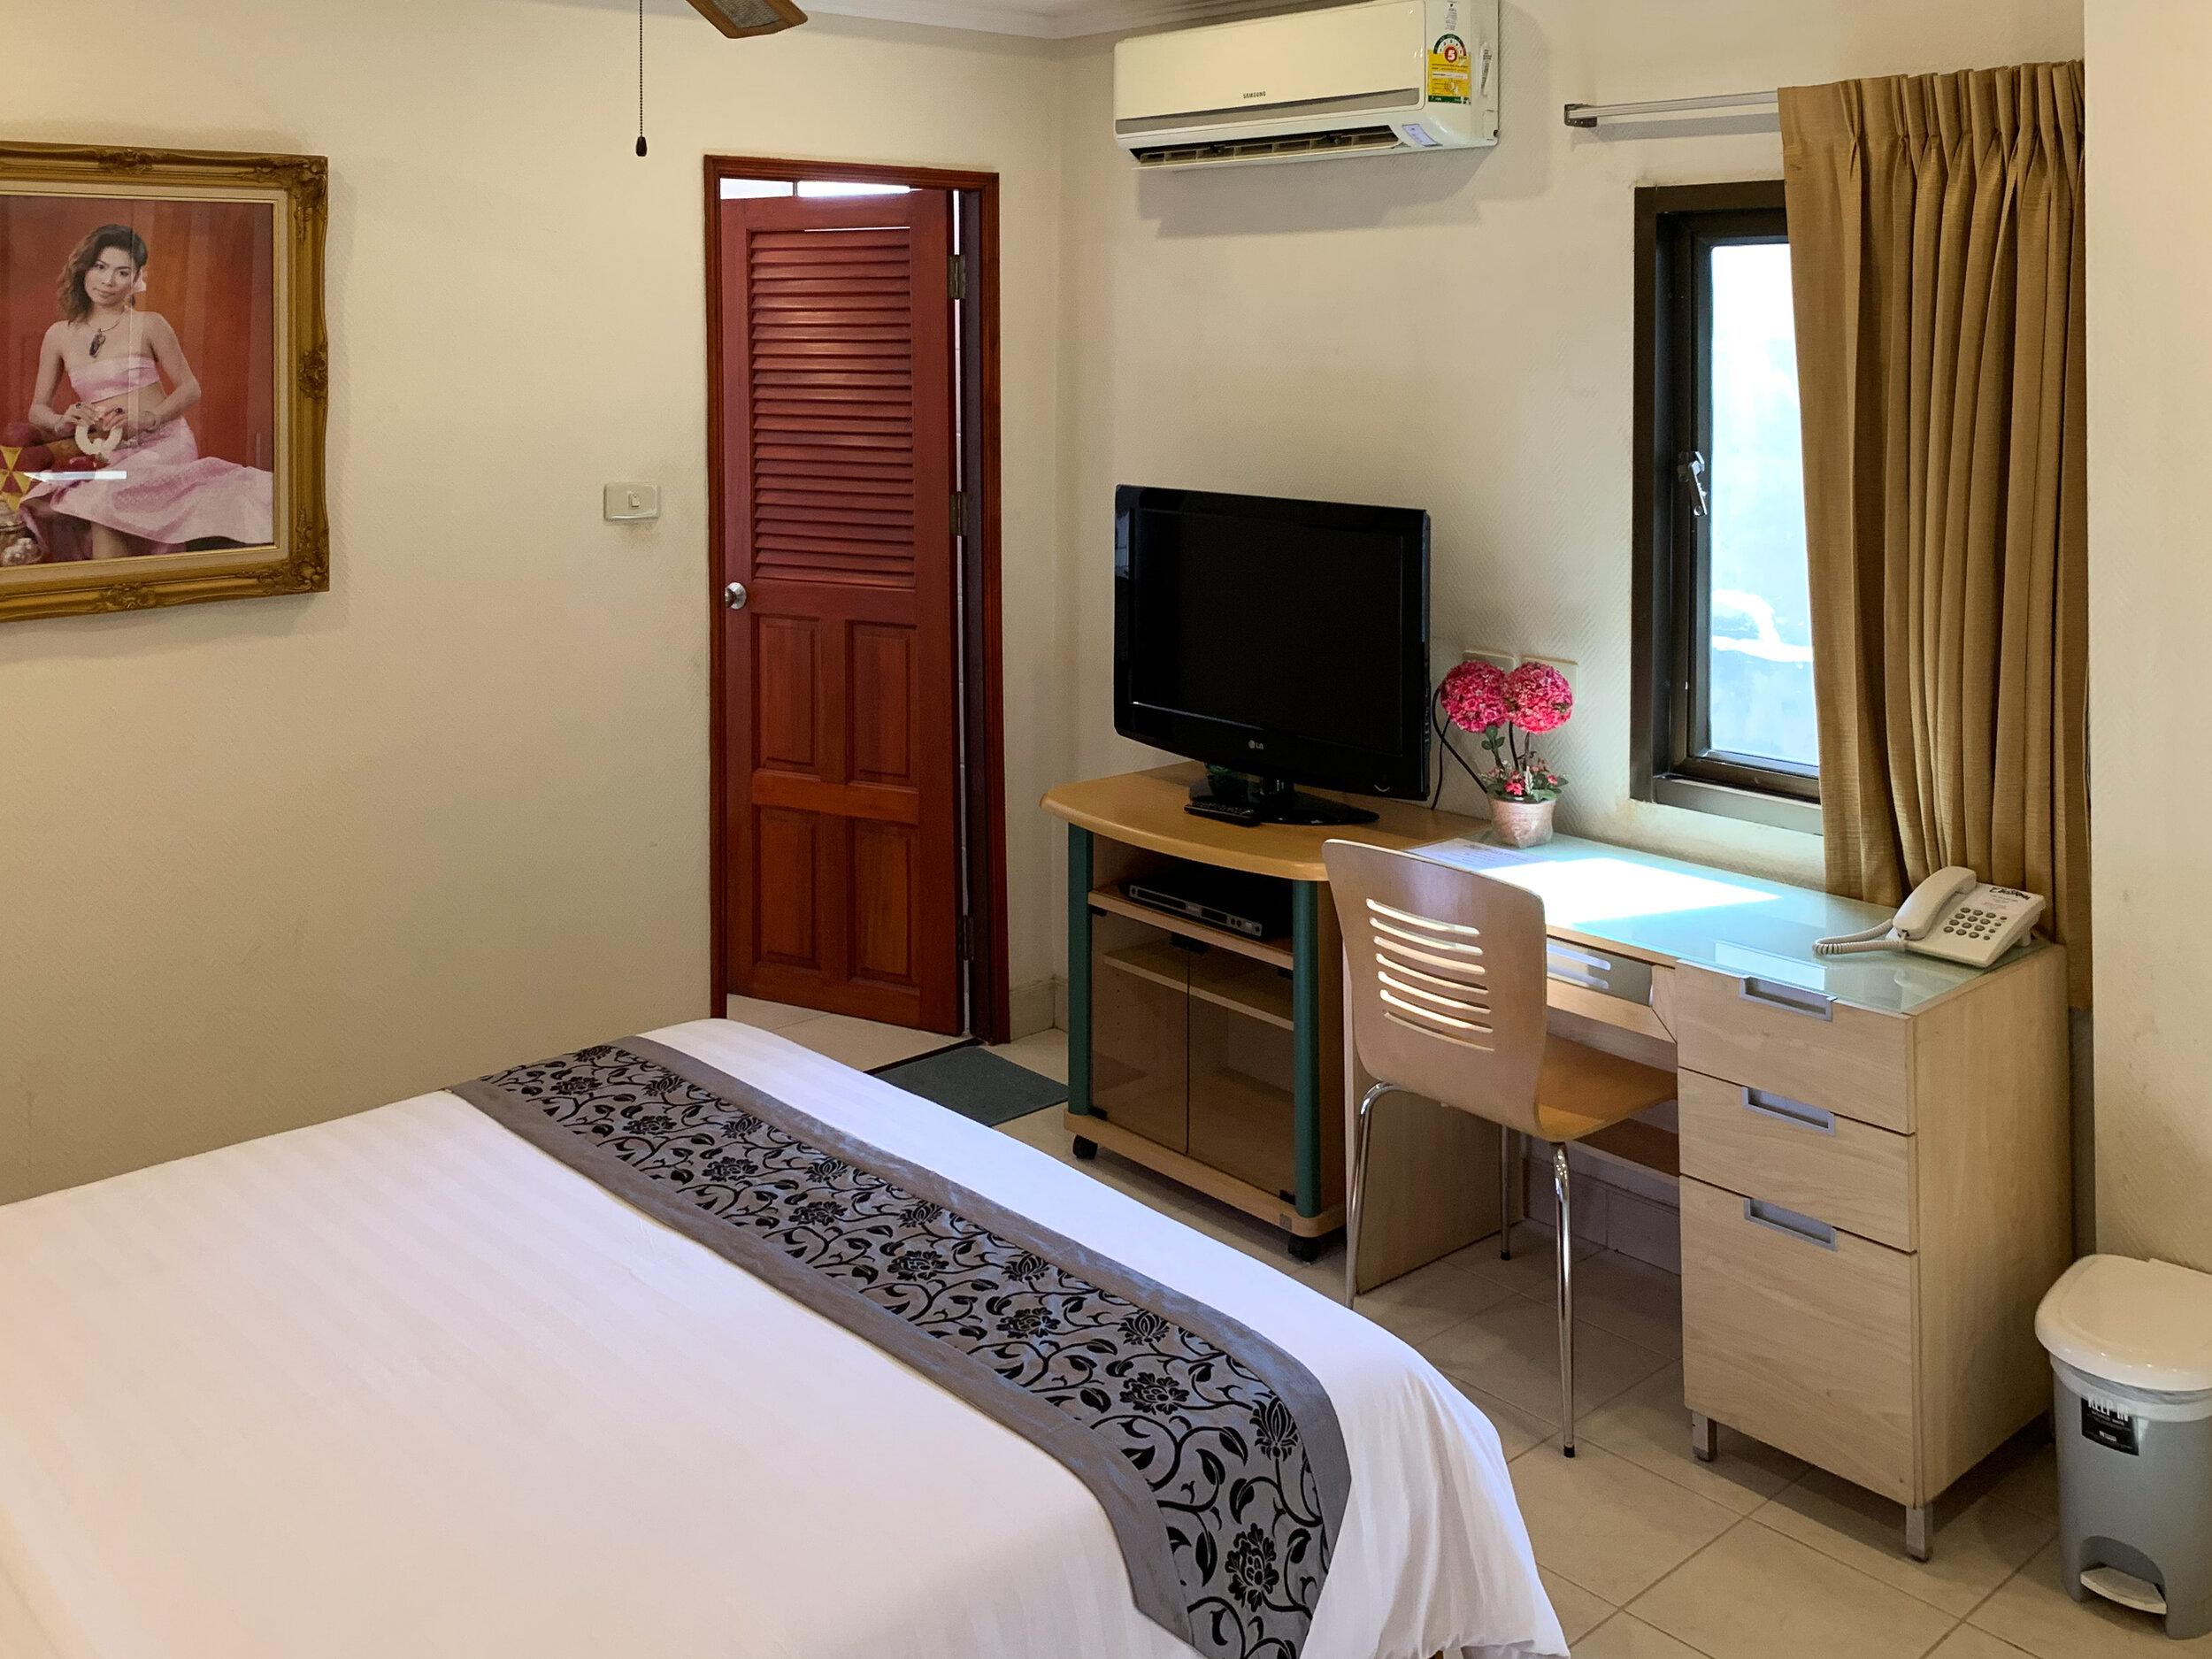 Room 41 tv.jpg